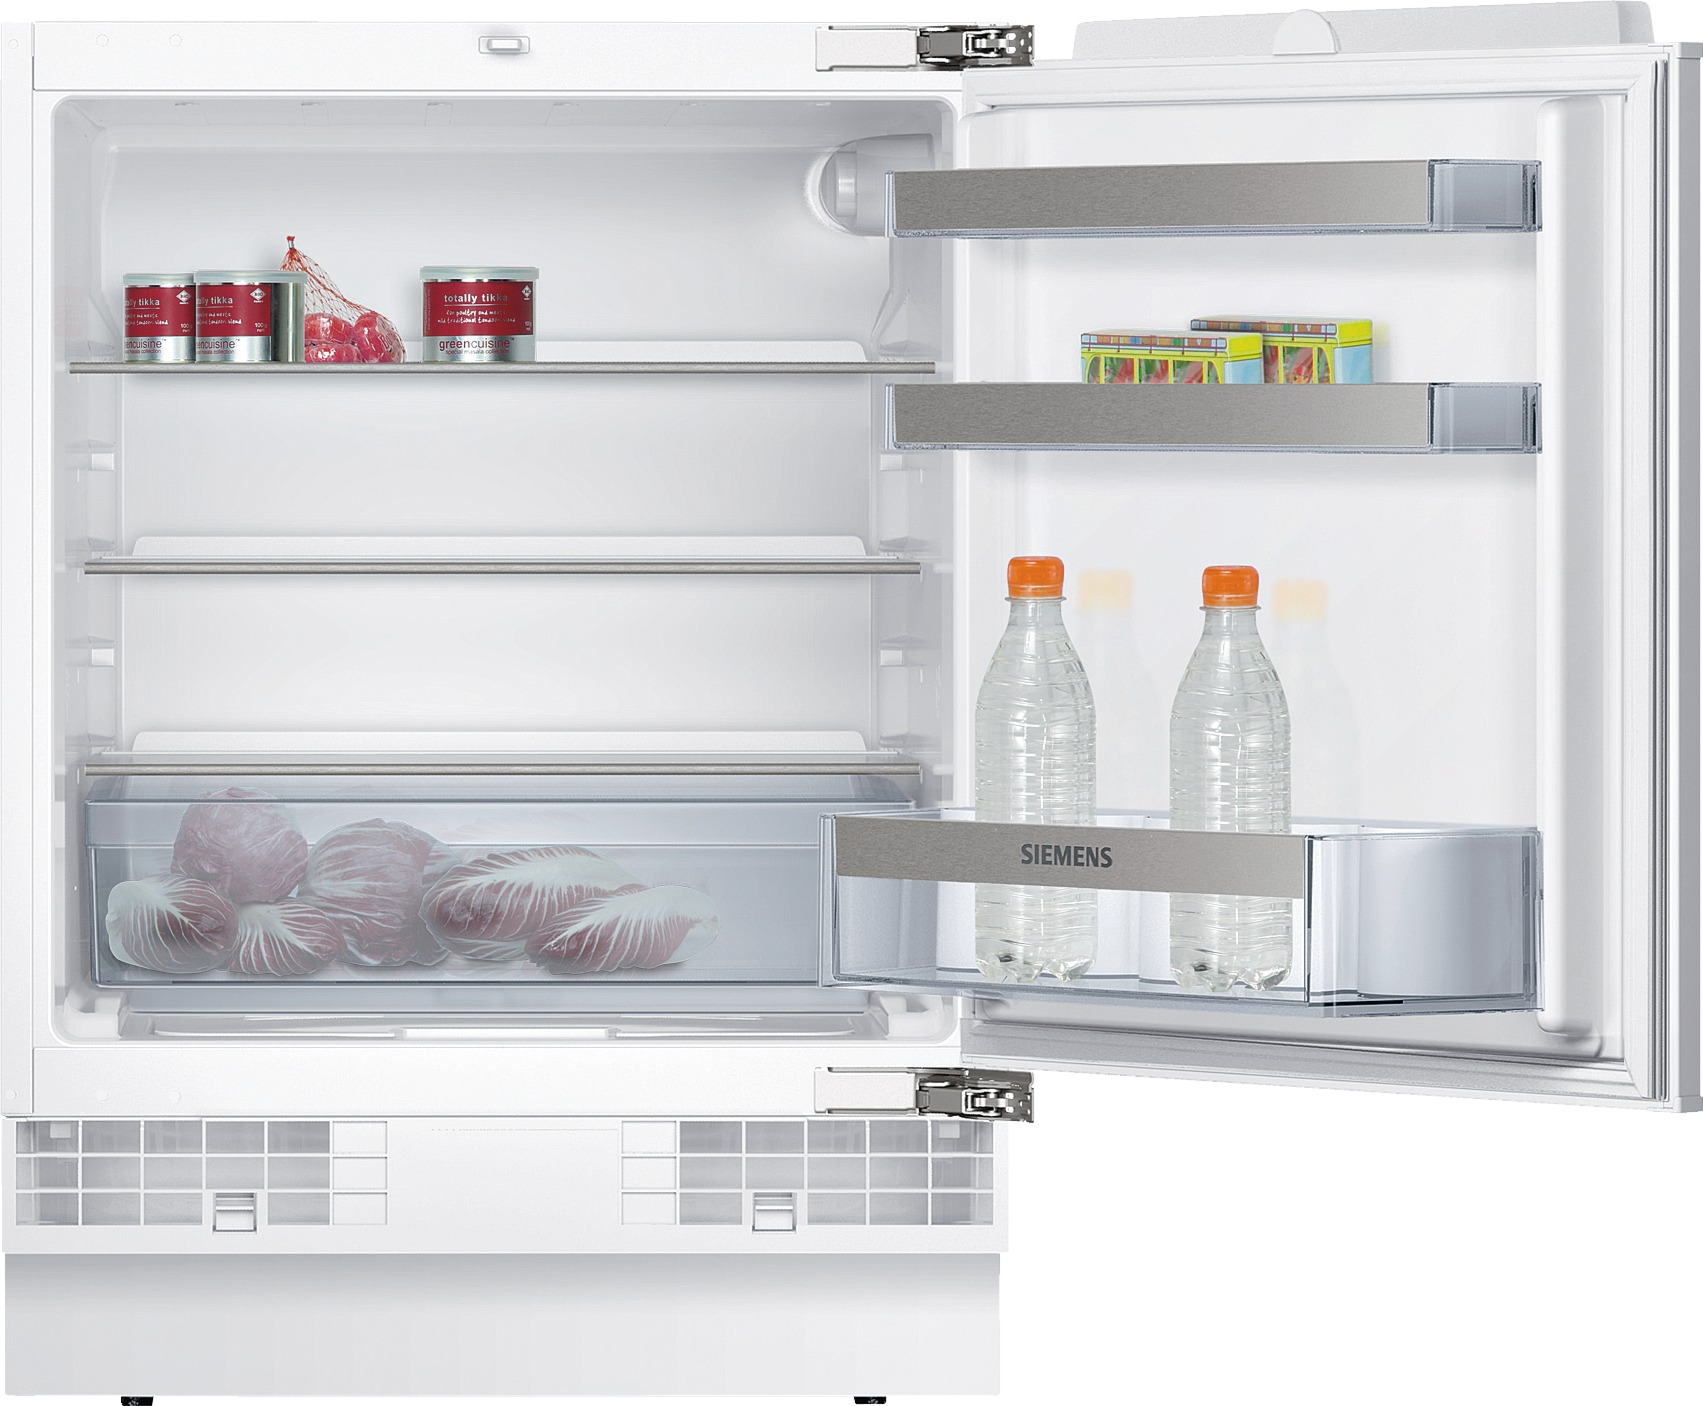 Siemens KU15RA65 iQ500 Unterbau-Kühlschrank Flachscharnier-Technik ...